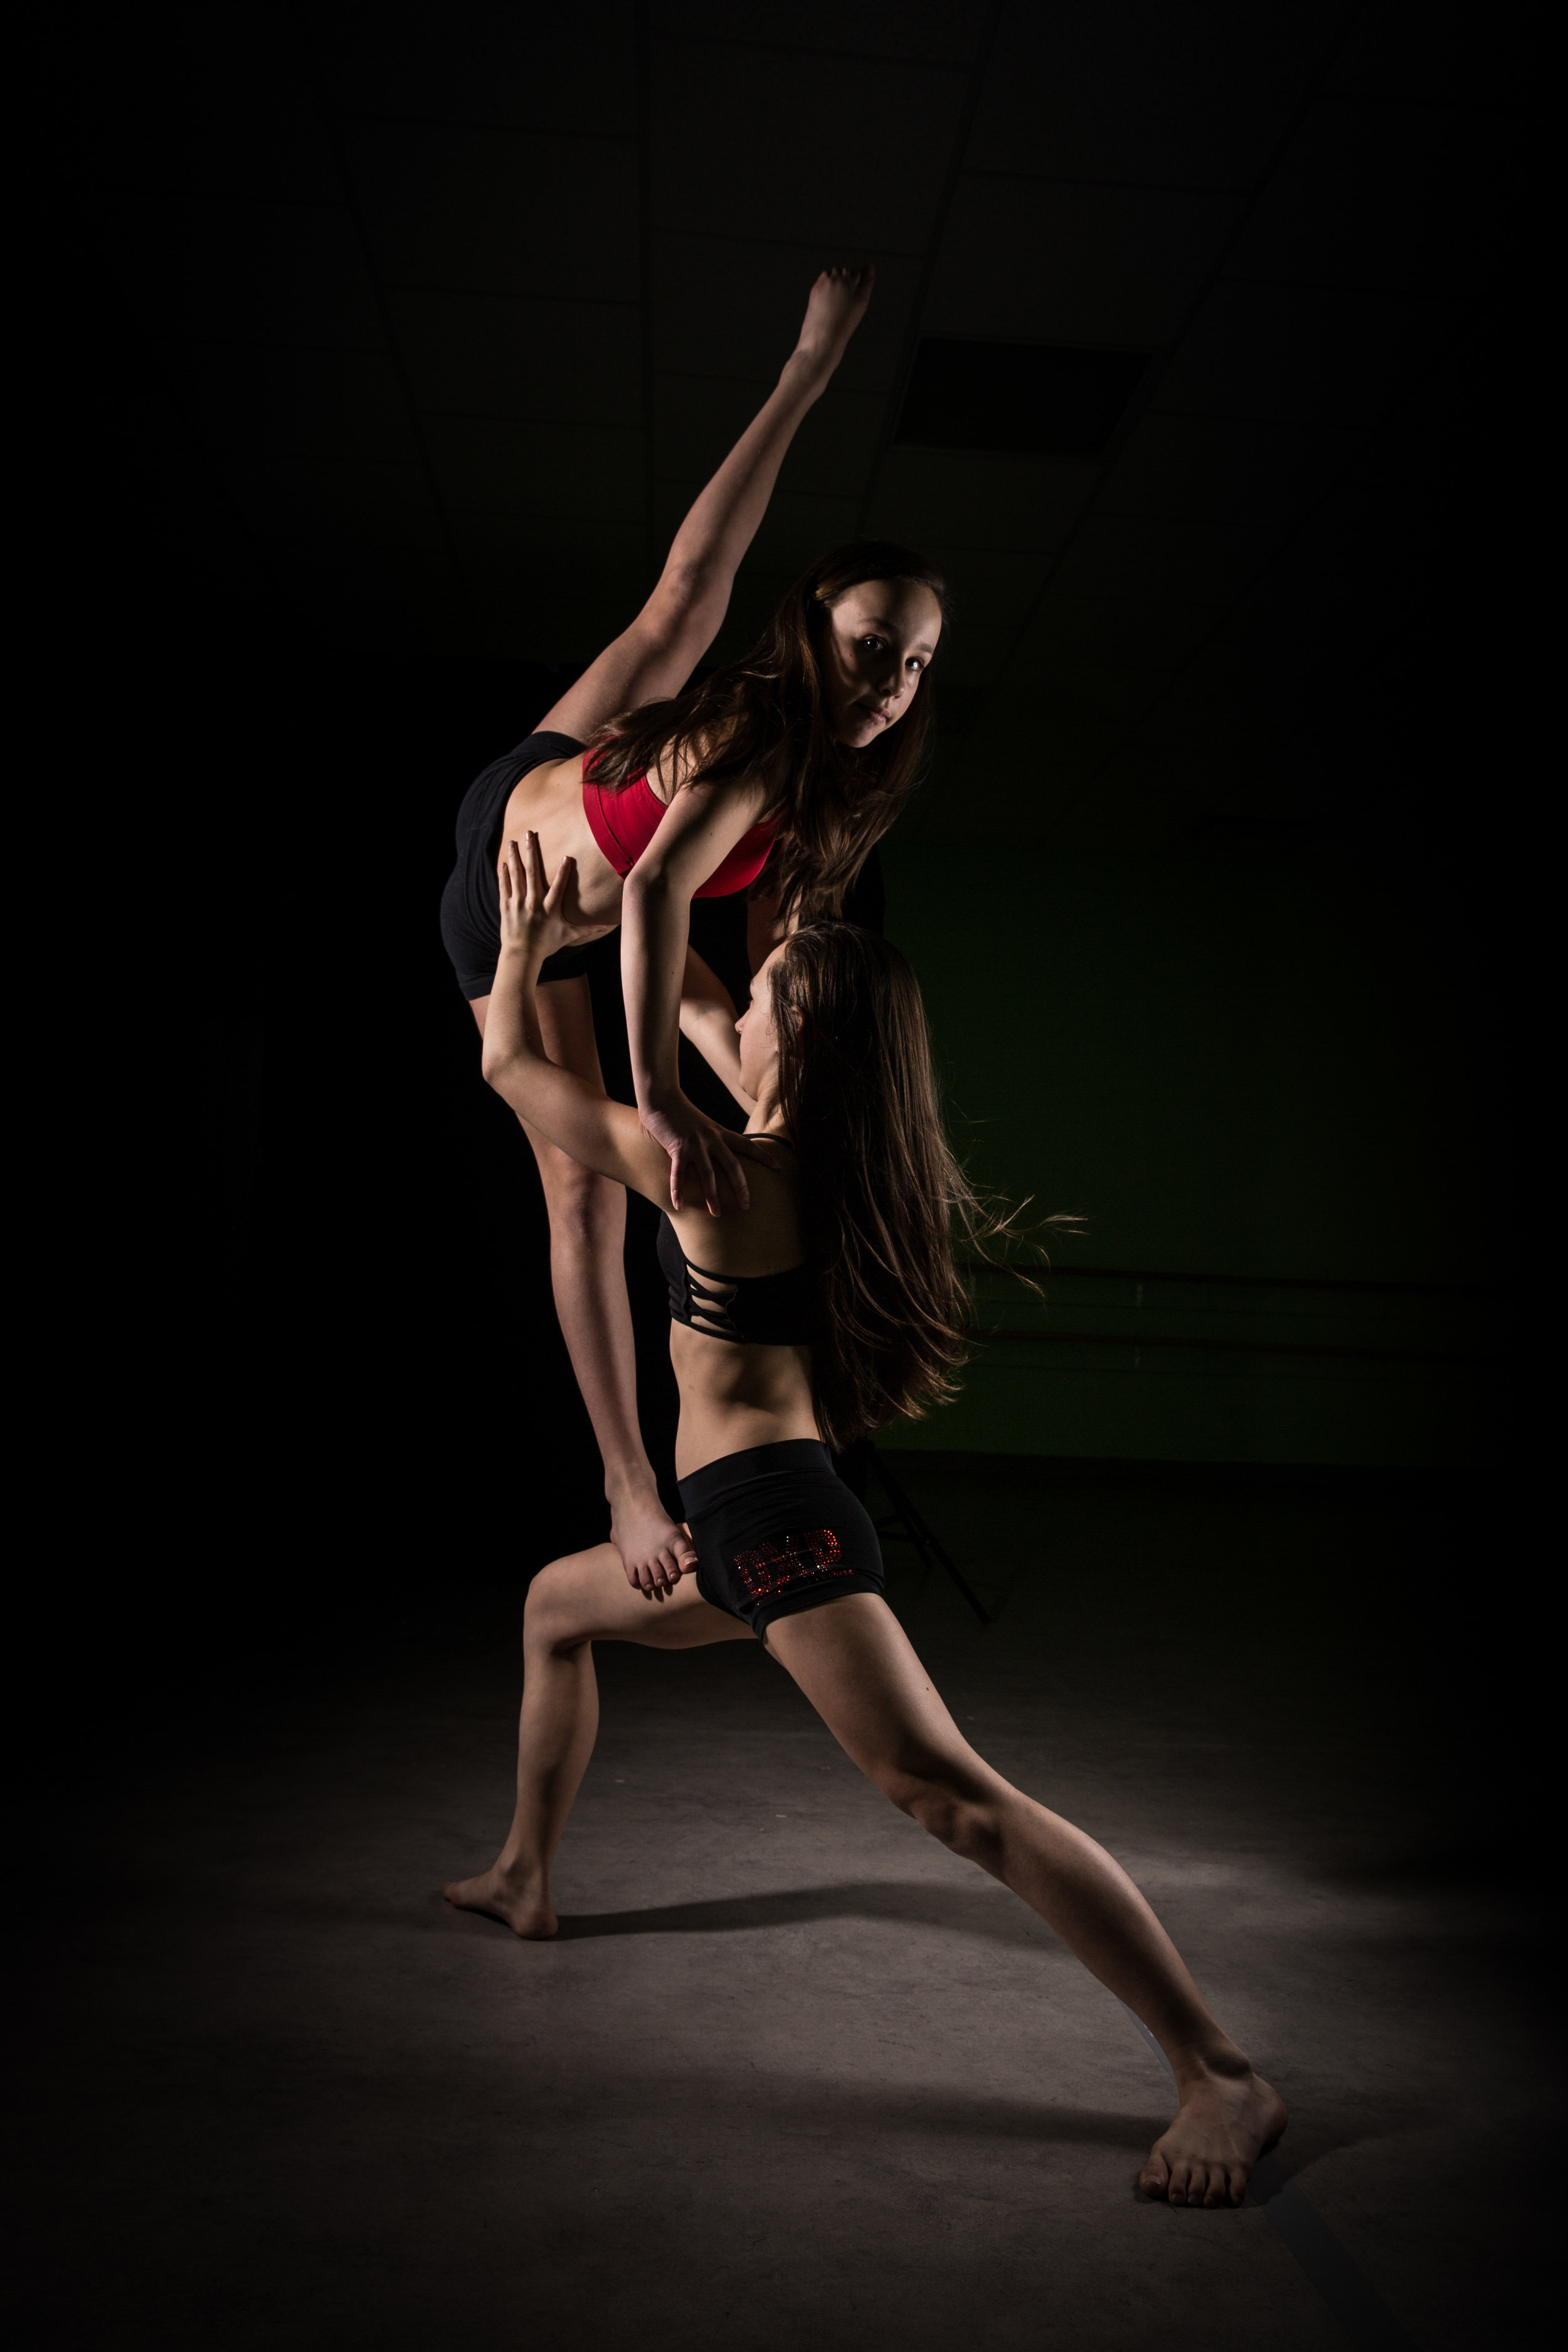 LR_Express_Dancer_Series-37.jpg